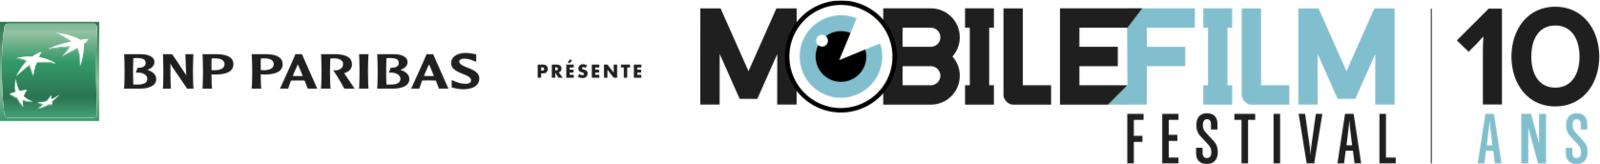 L'appel à films du 10e Mobile Film Festival est ouvert jusqu'au 5 janvier 2015